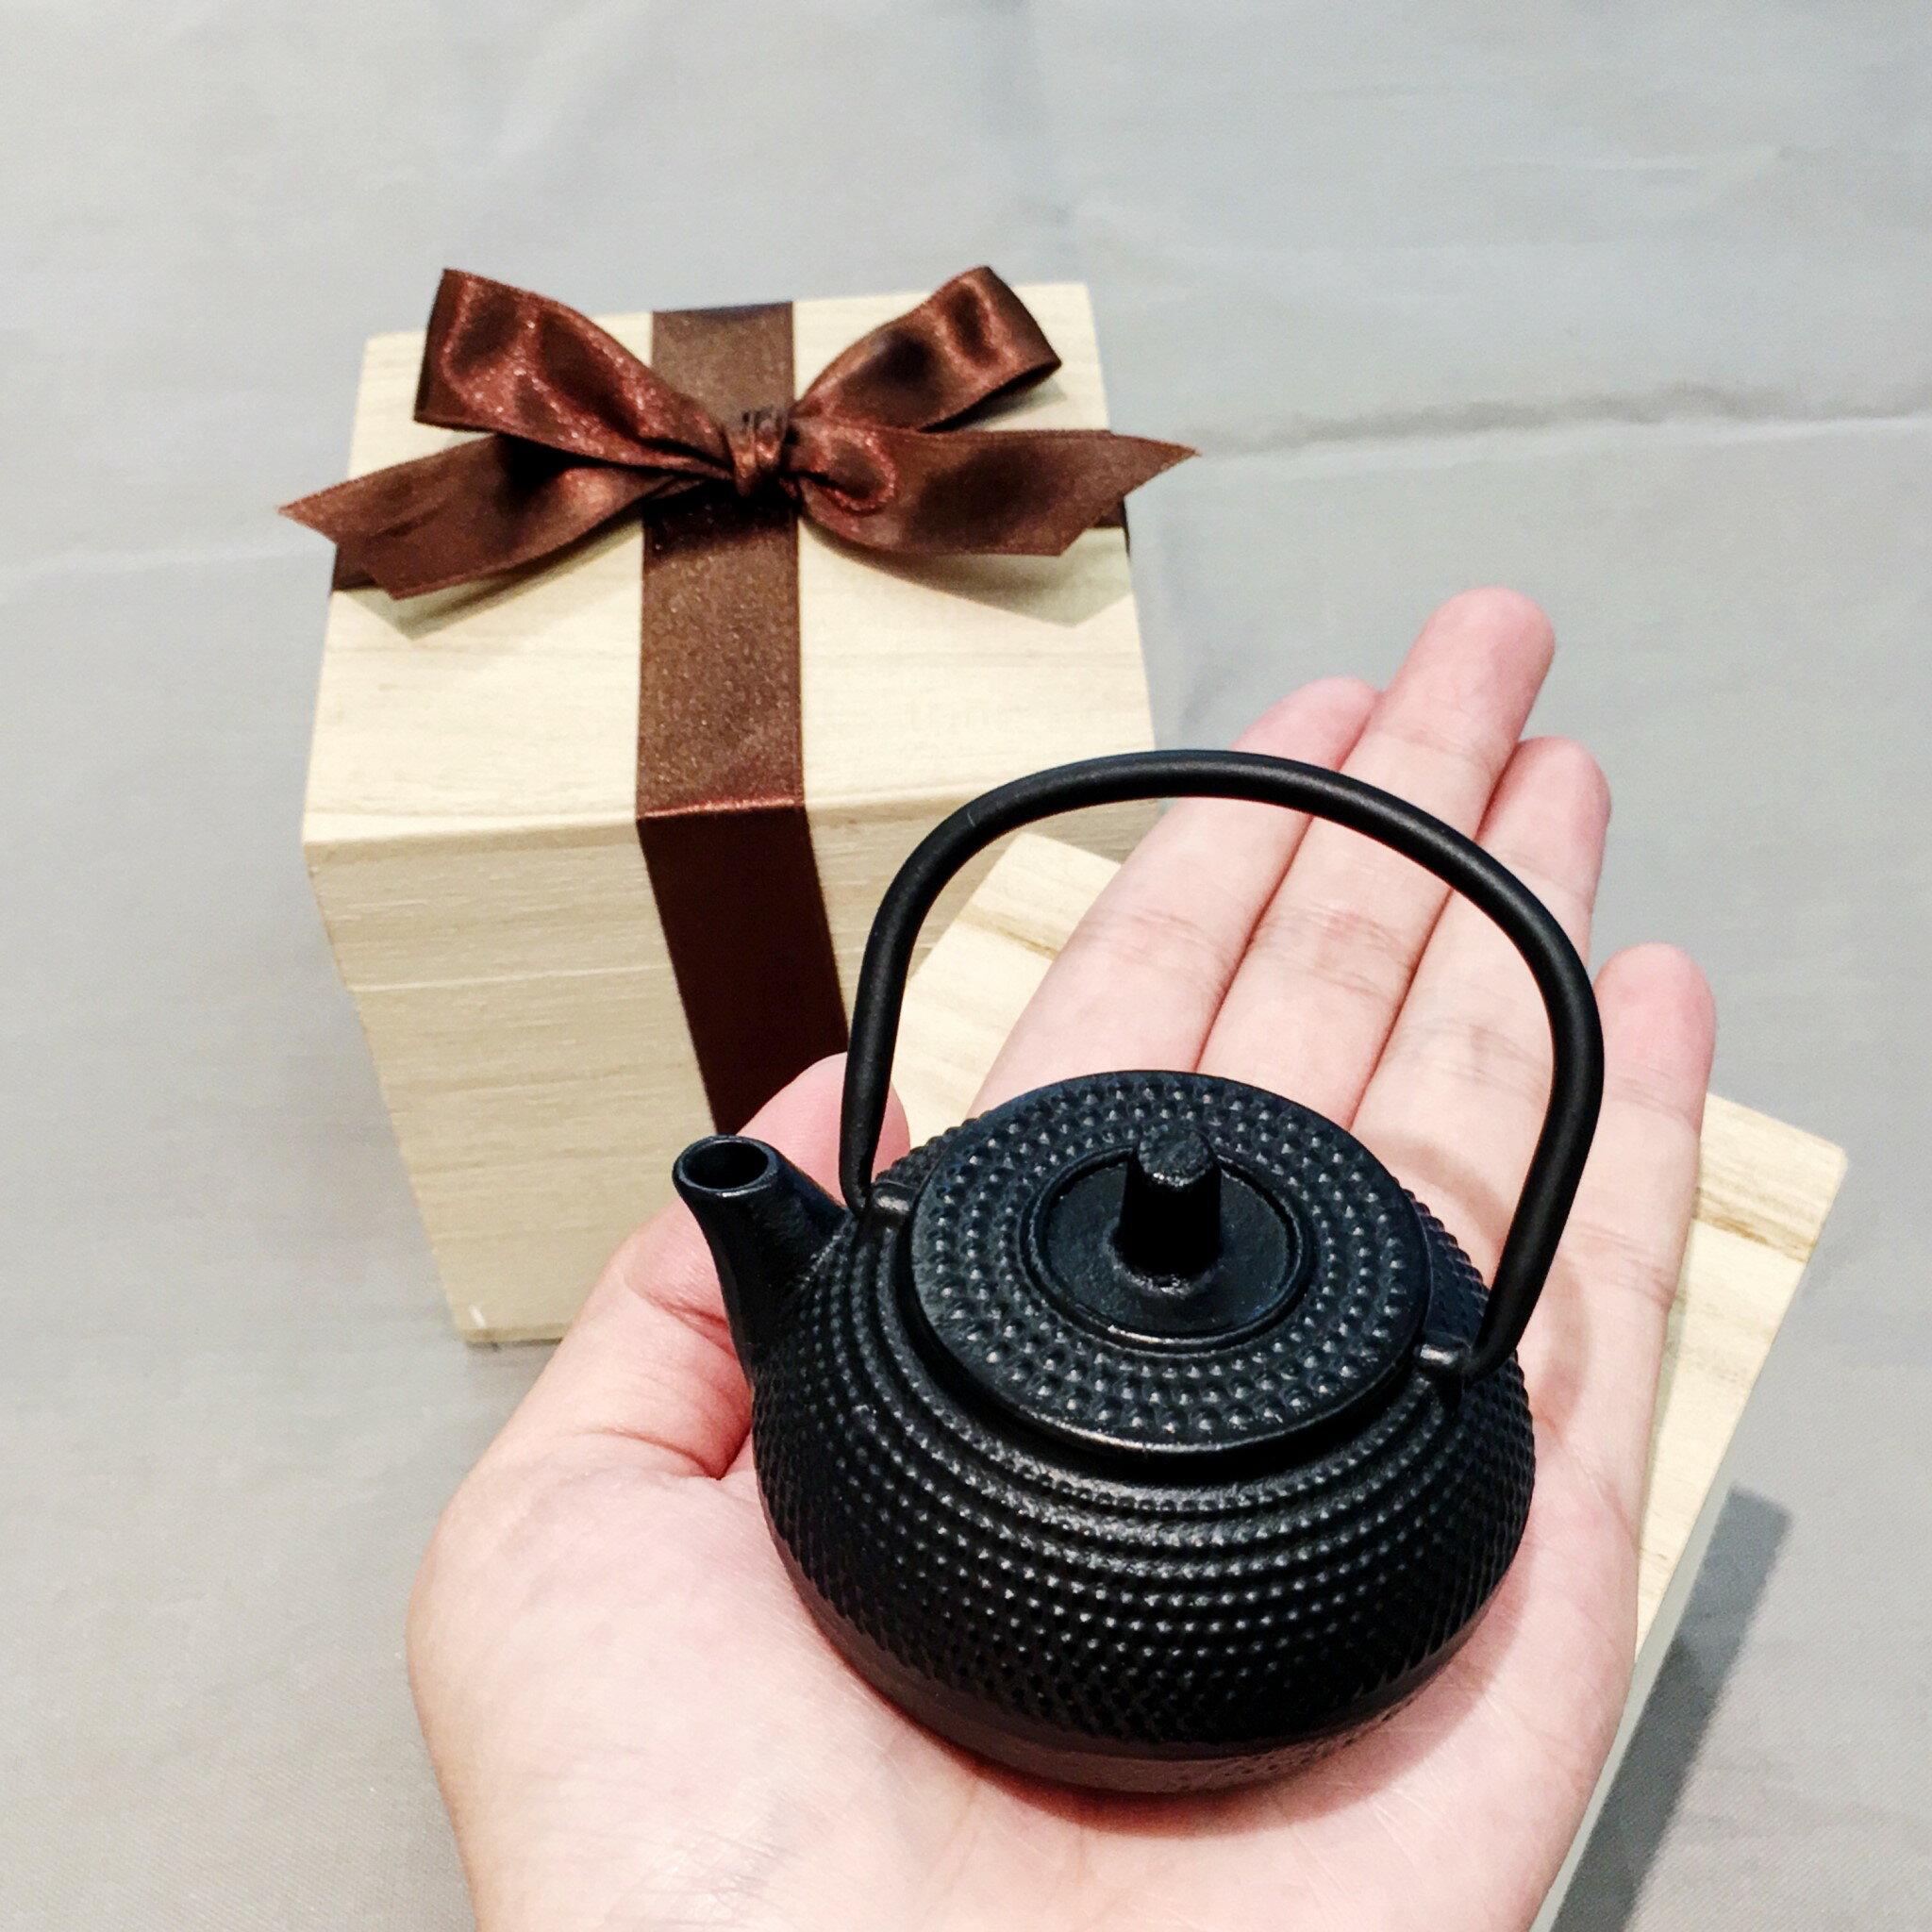 迷你鑄鐵壺 小茶寵 2